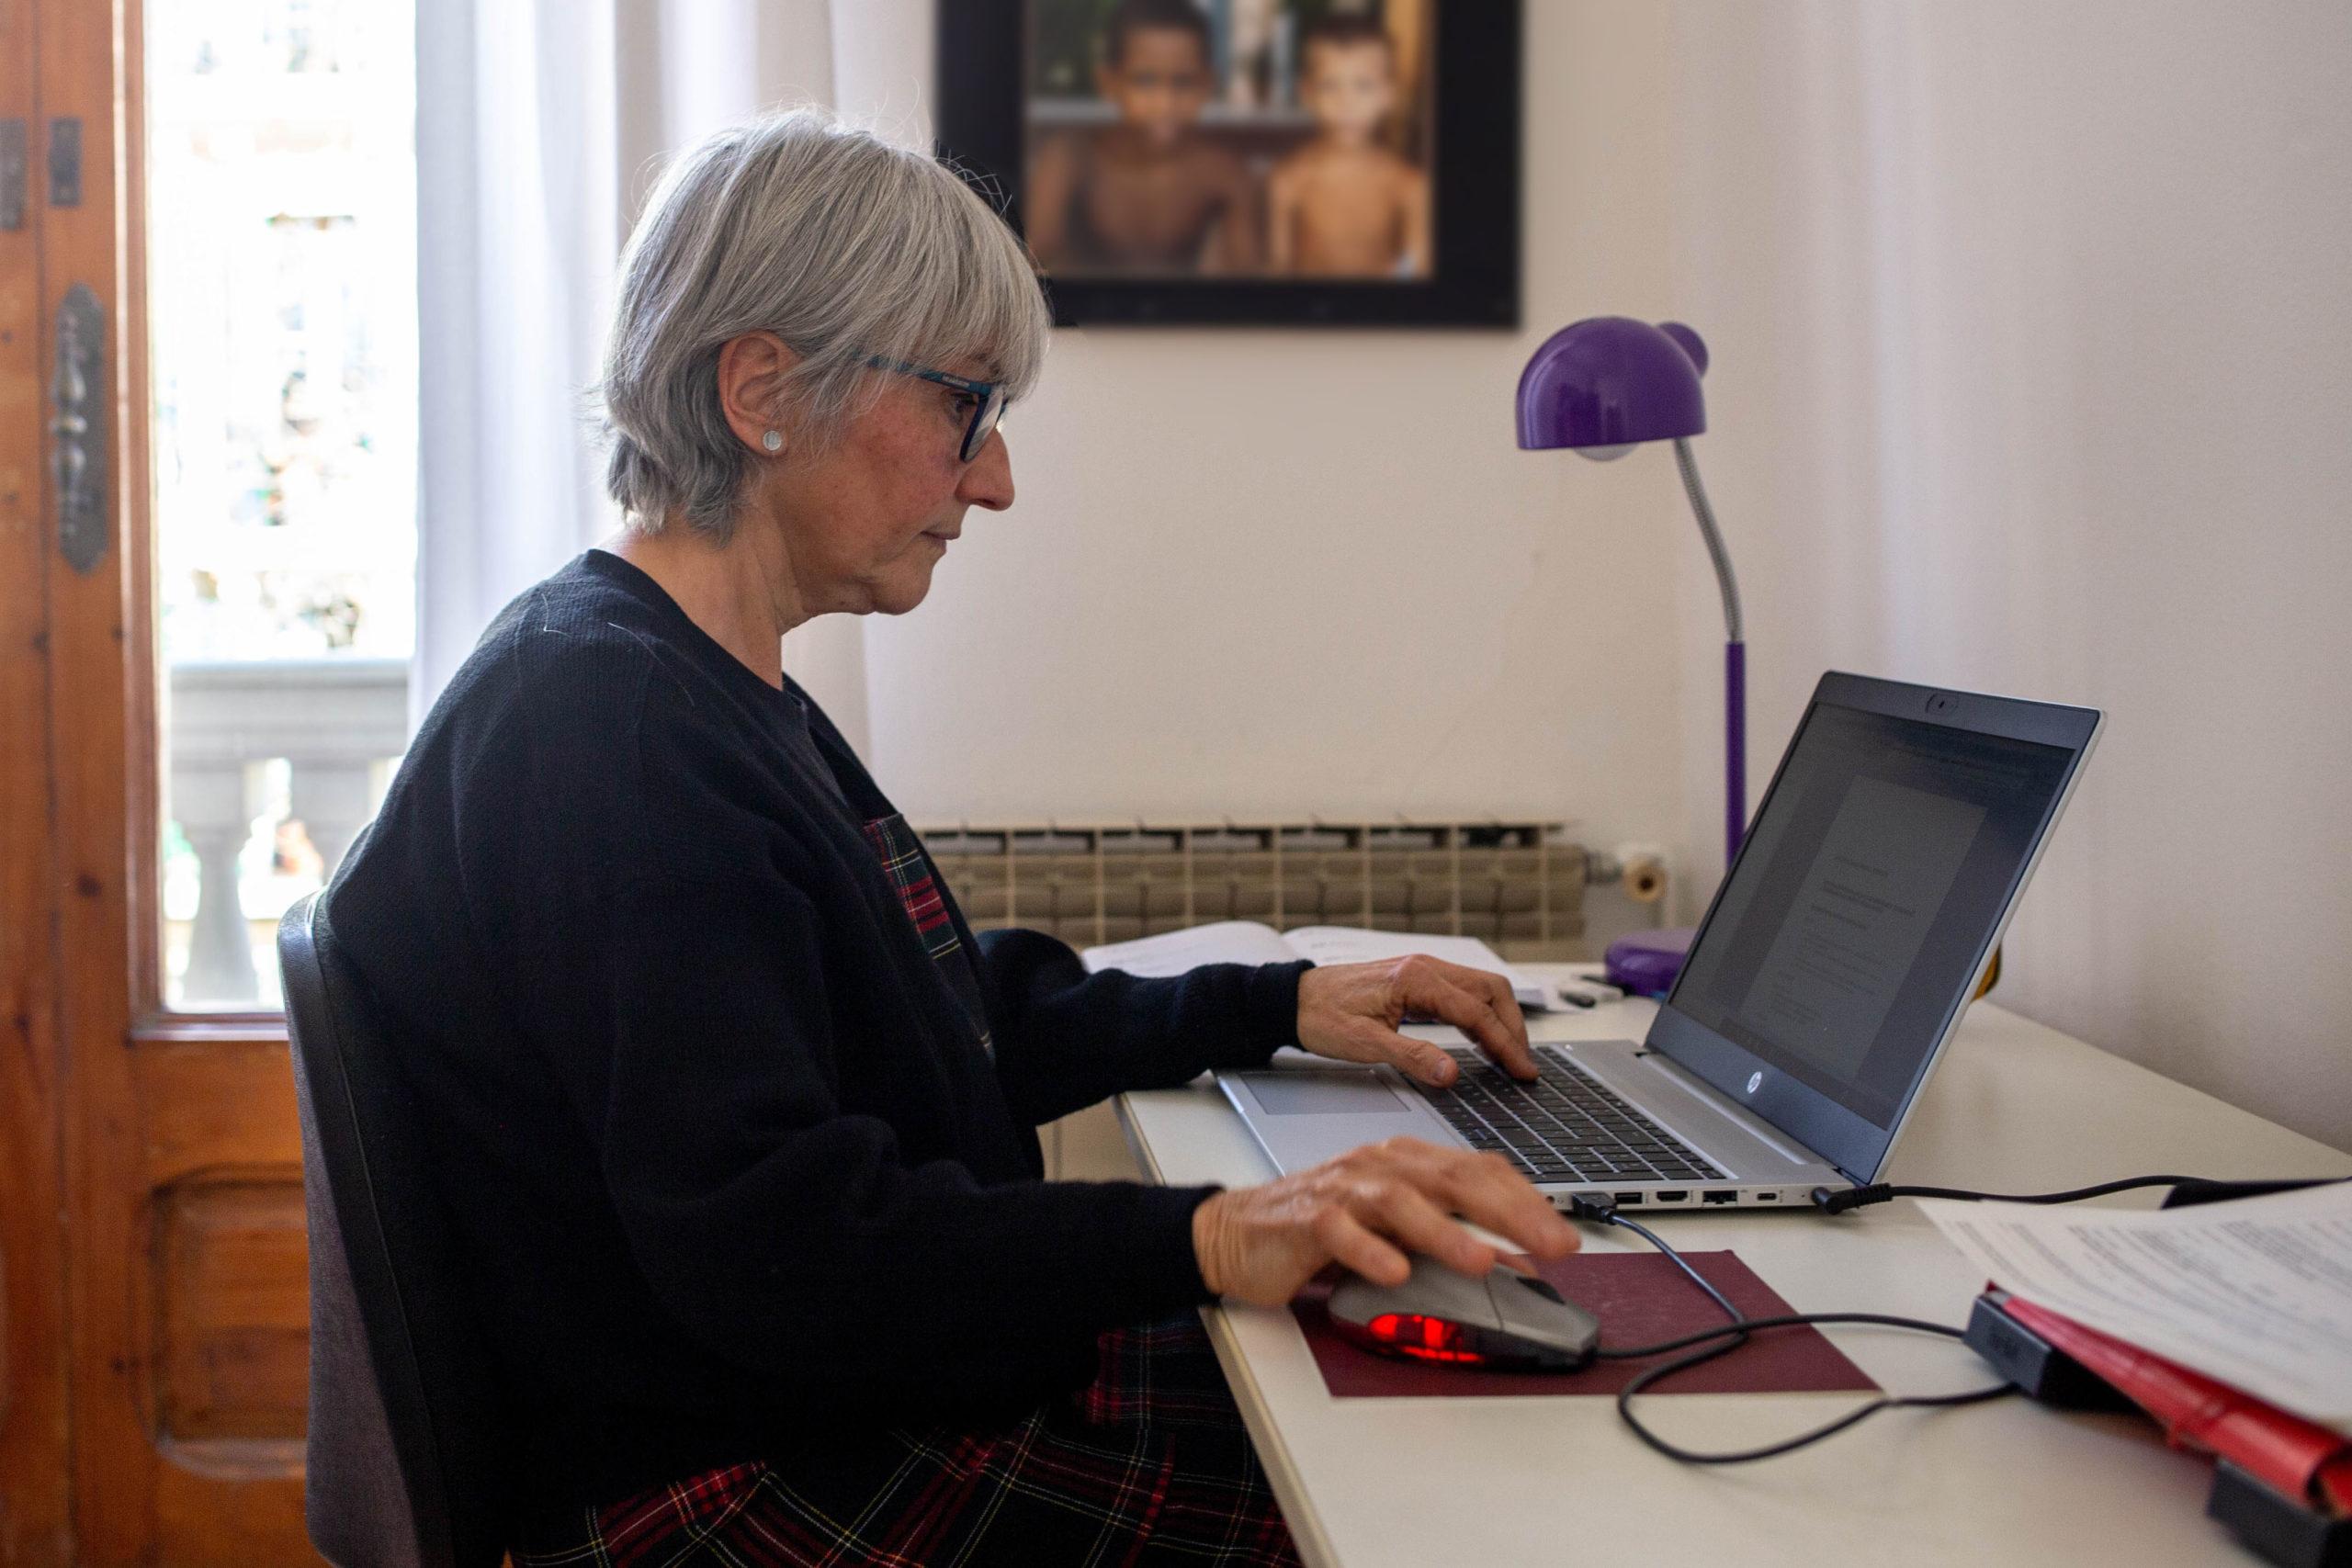 Dona asseguda escrivint a l'ordinador en un despatx